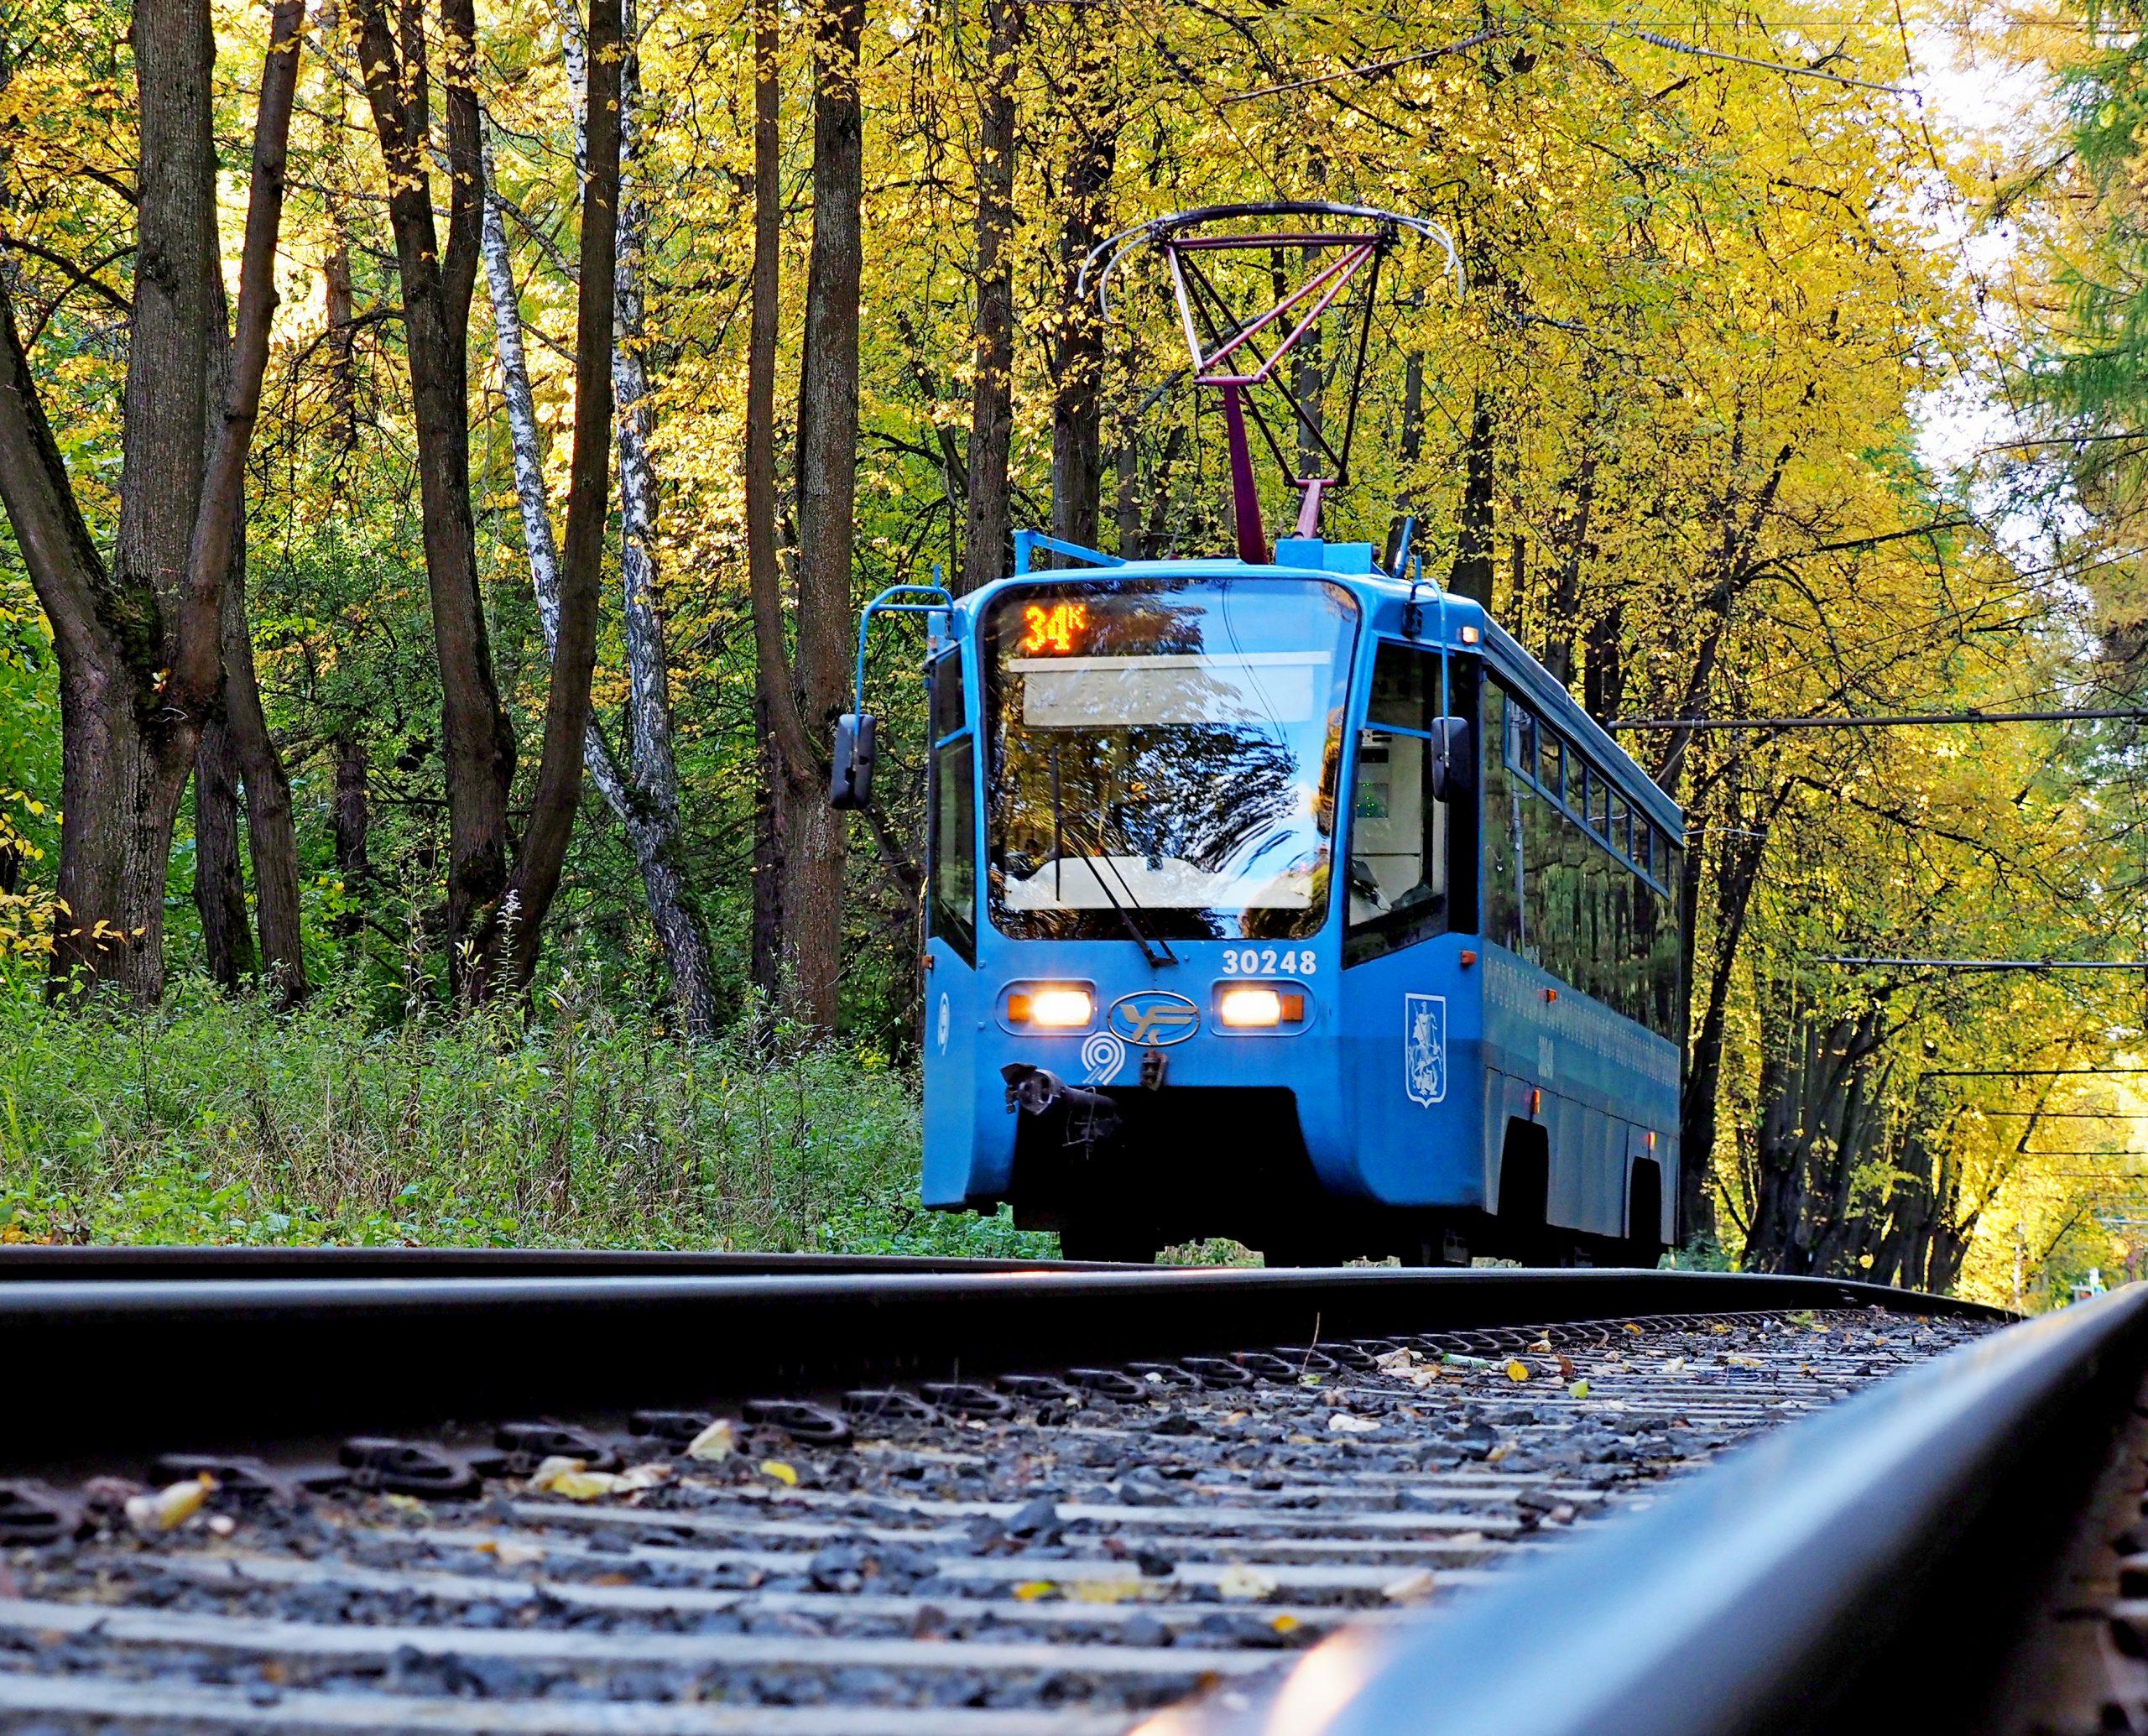 Московский трамвай стал лучшим в премии Global Light Rail Awards